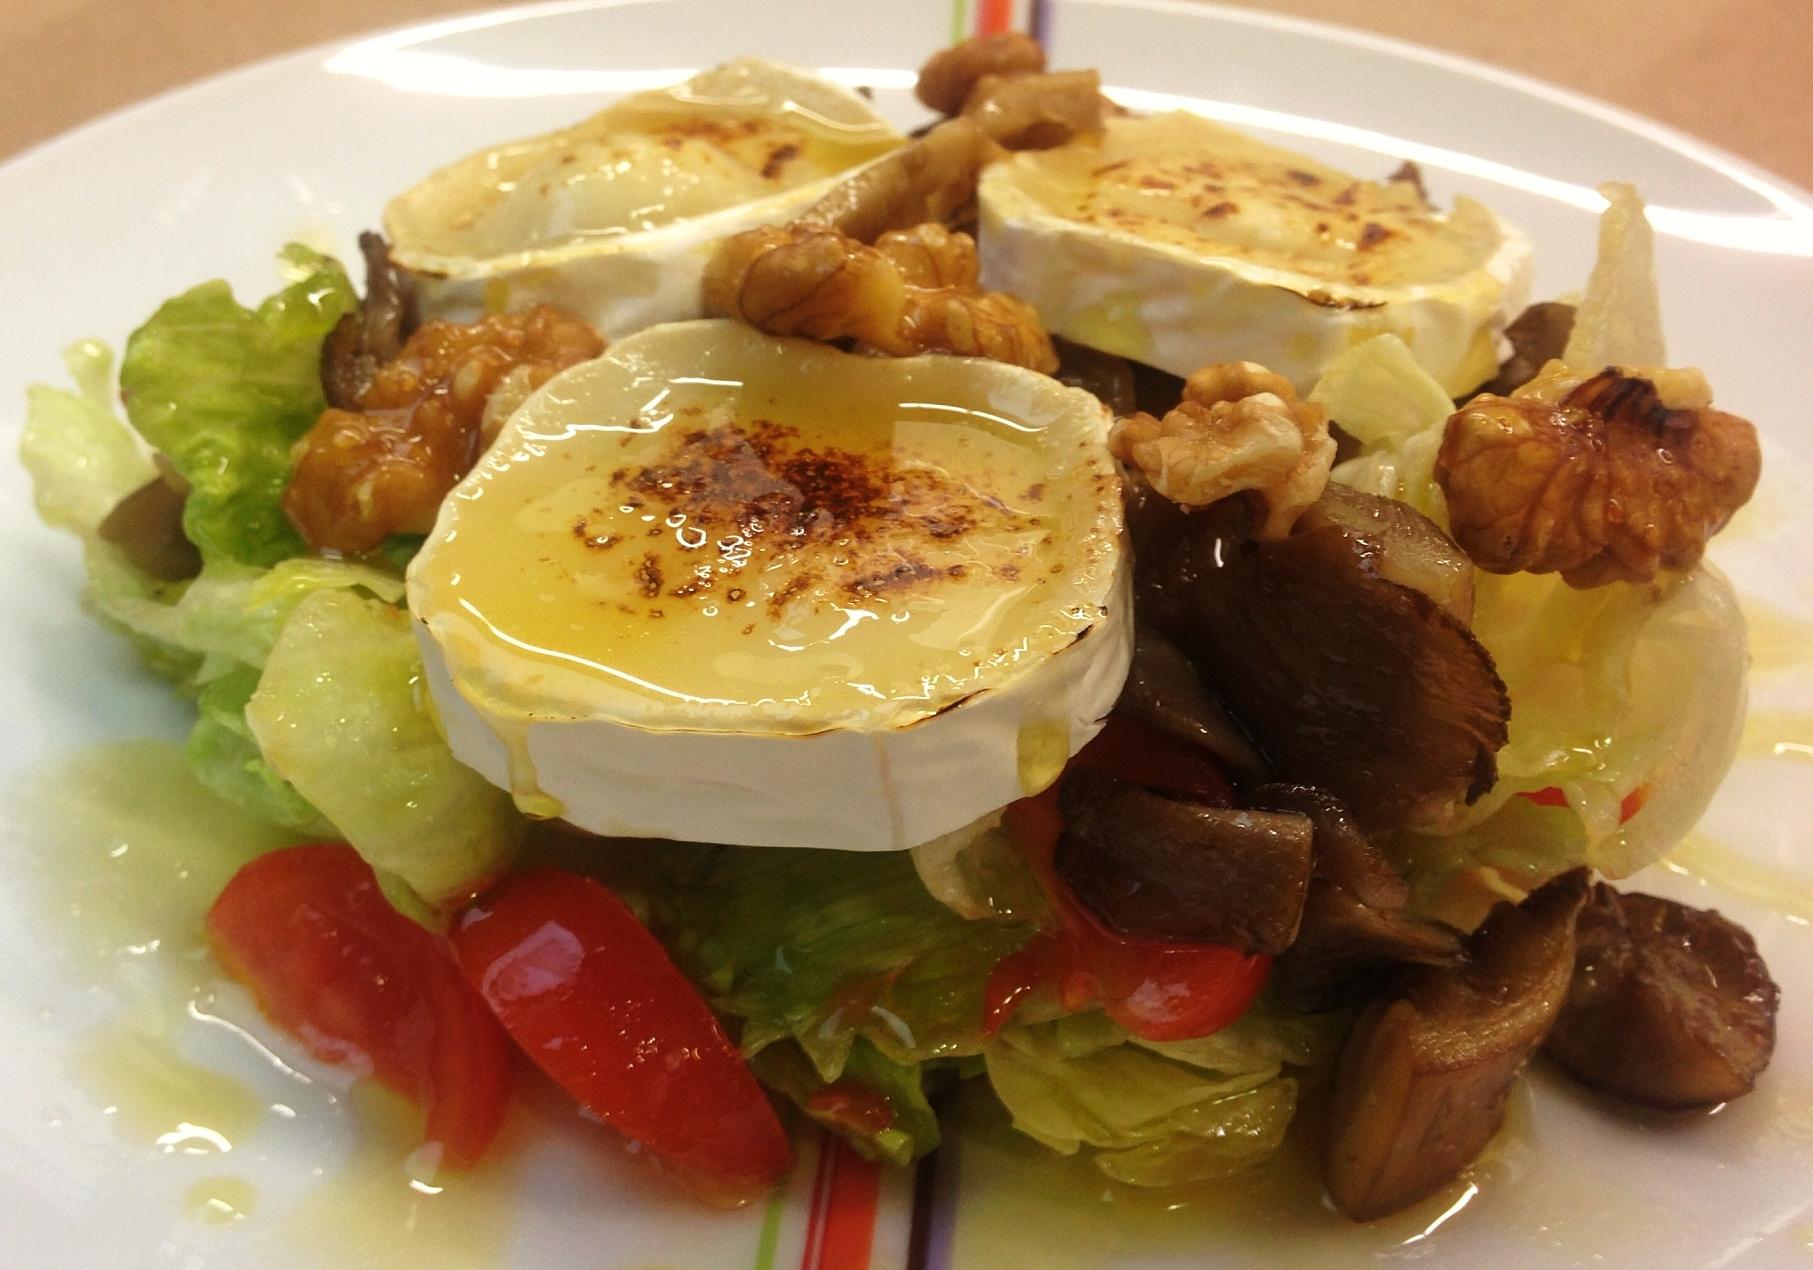 Ensalada templada con queso de cabra y setas la - Queso de cabra y colesterol ...